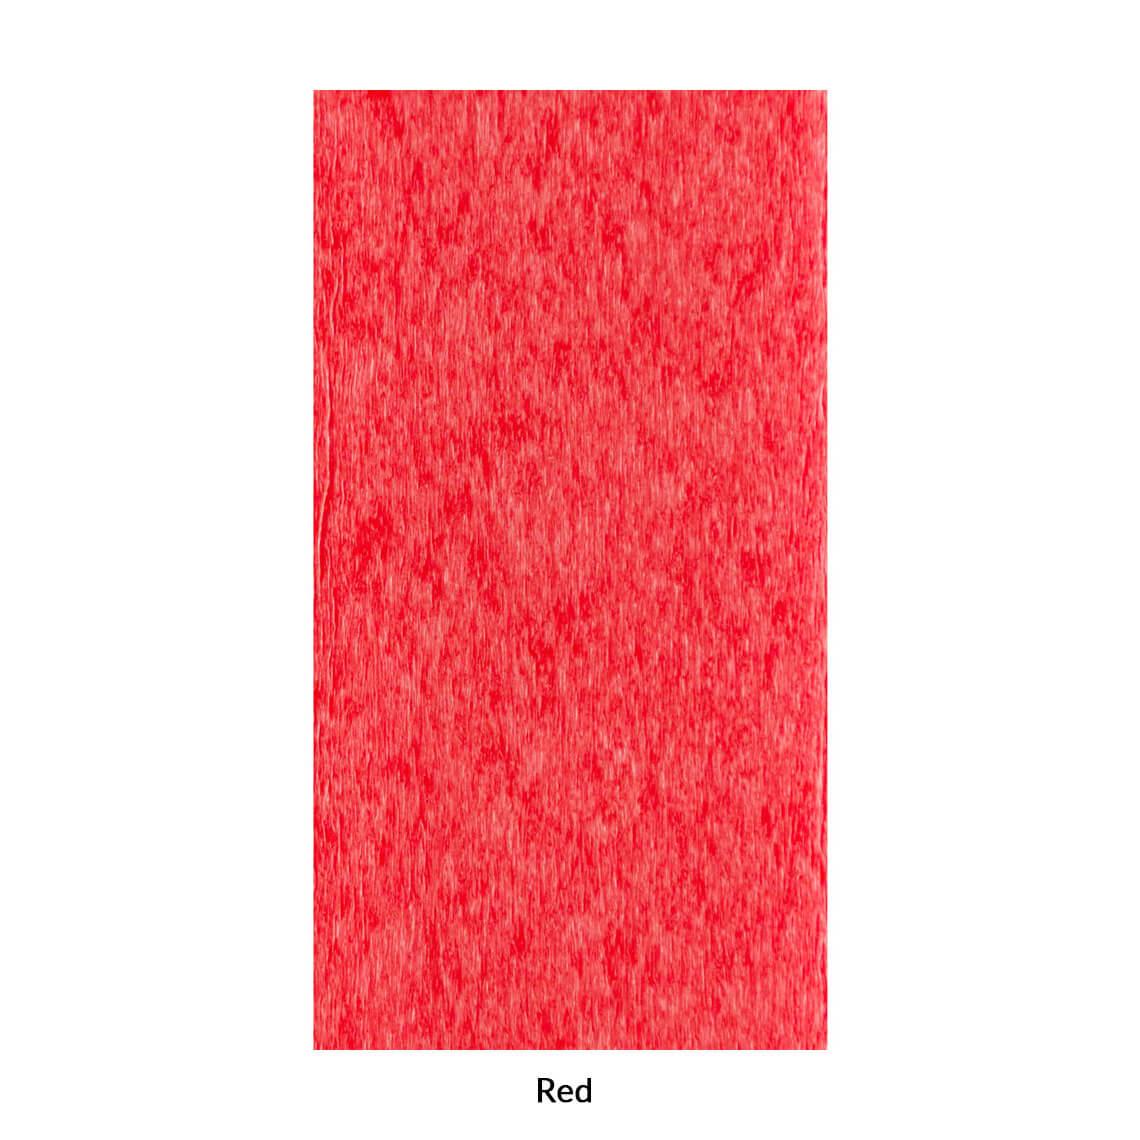 21.-red.jpg